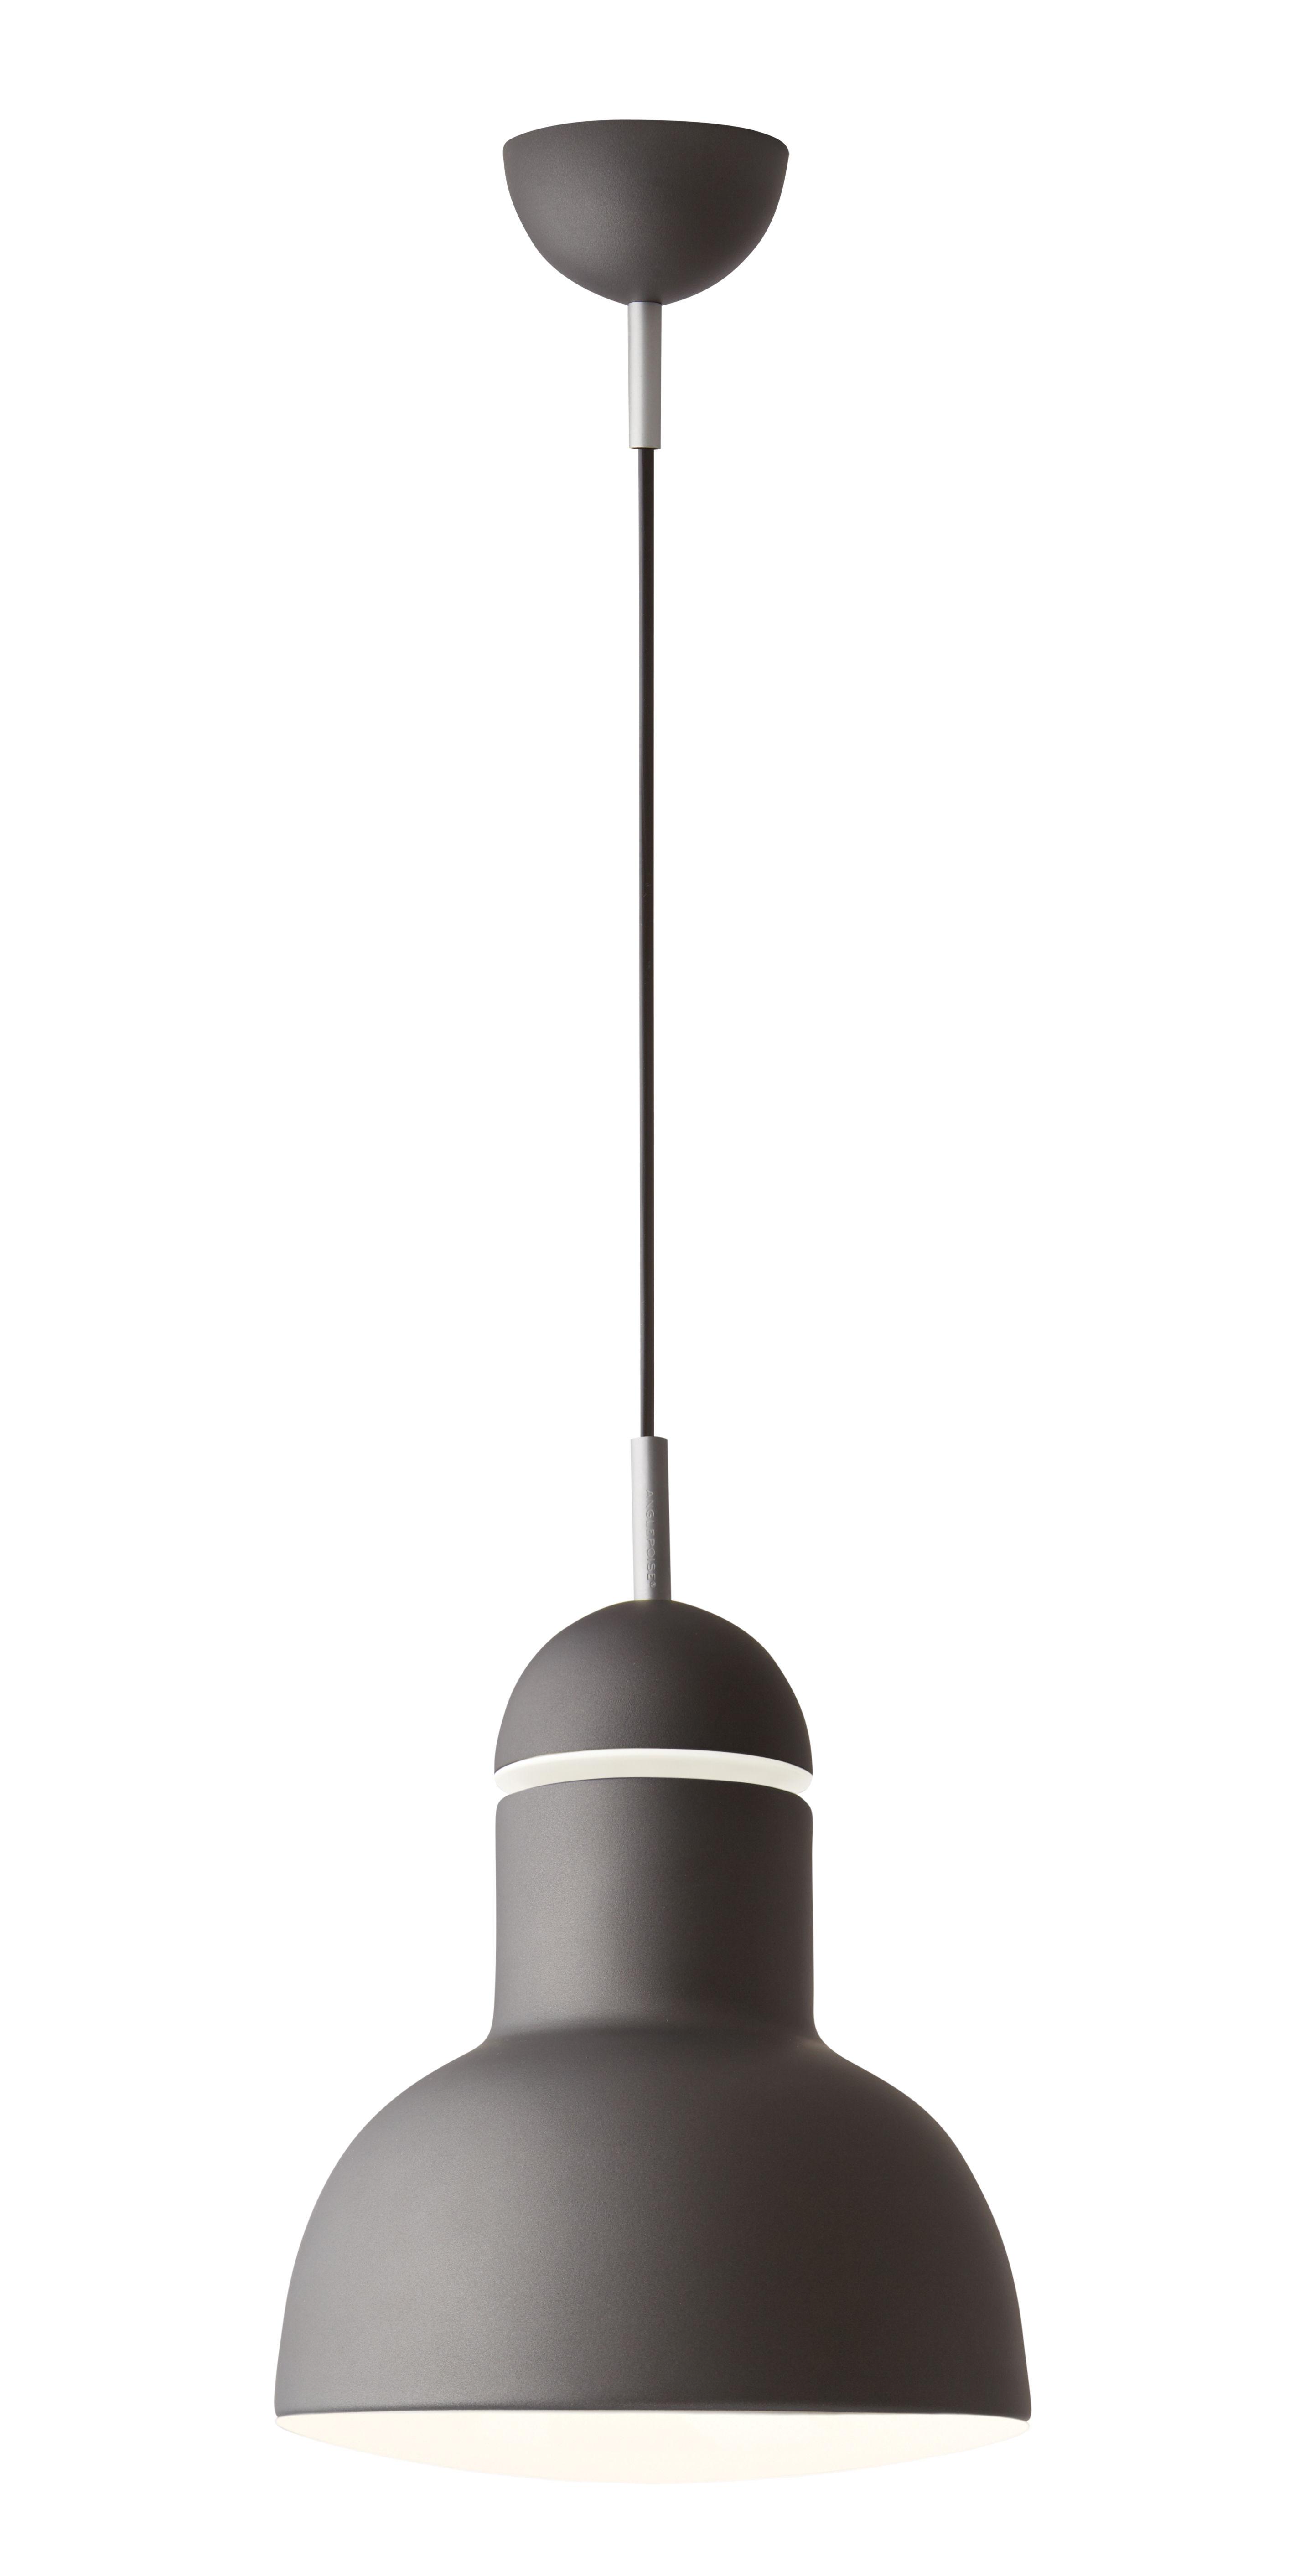 Suspension type 75 maxi 23 cm gris graphite anglepoise - Luminaire industriel la giant collection par anglepoise ...